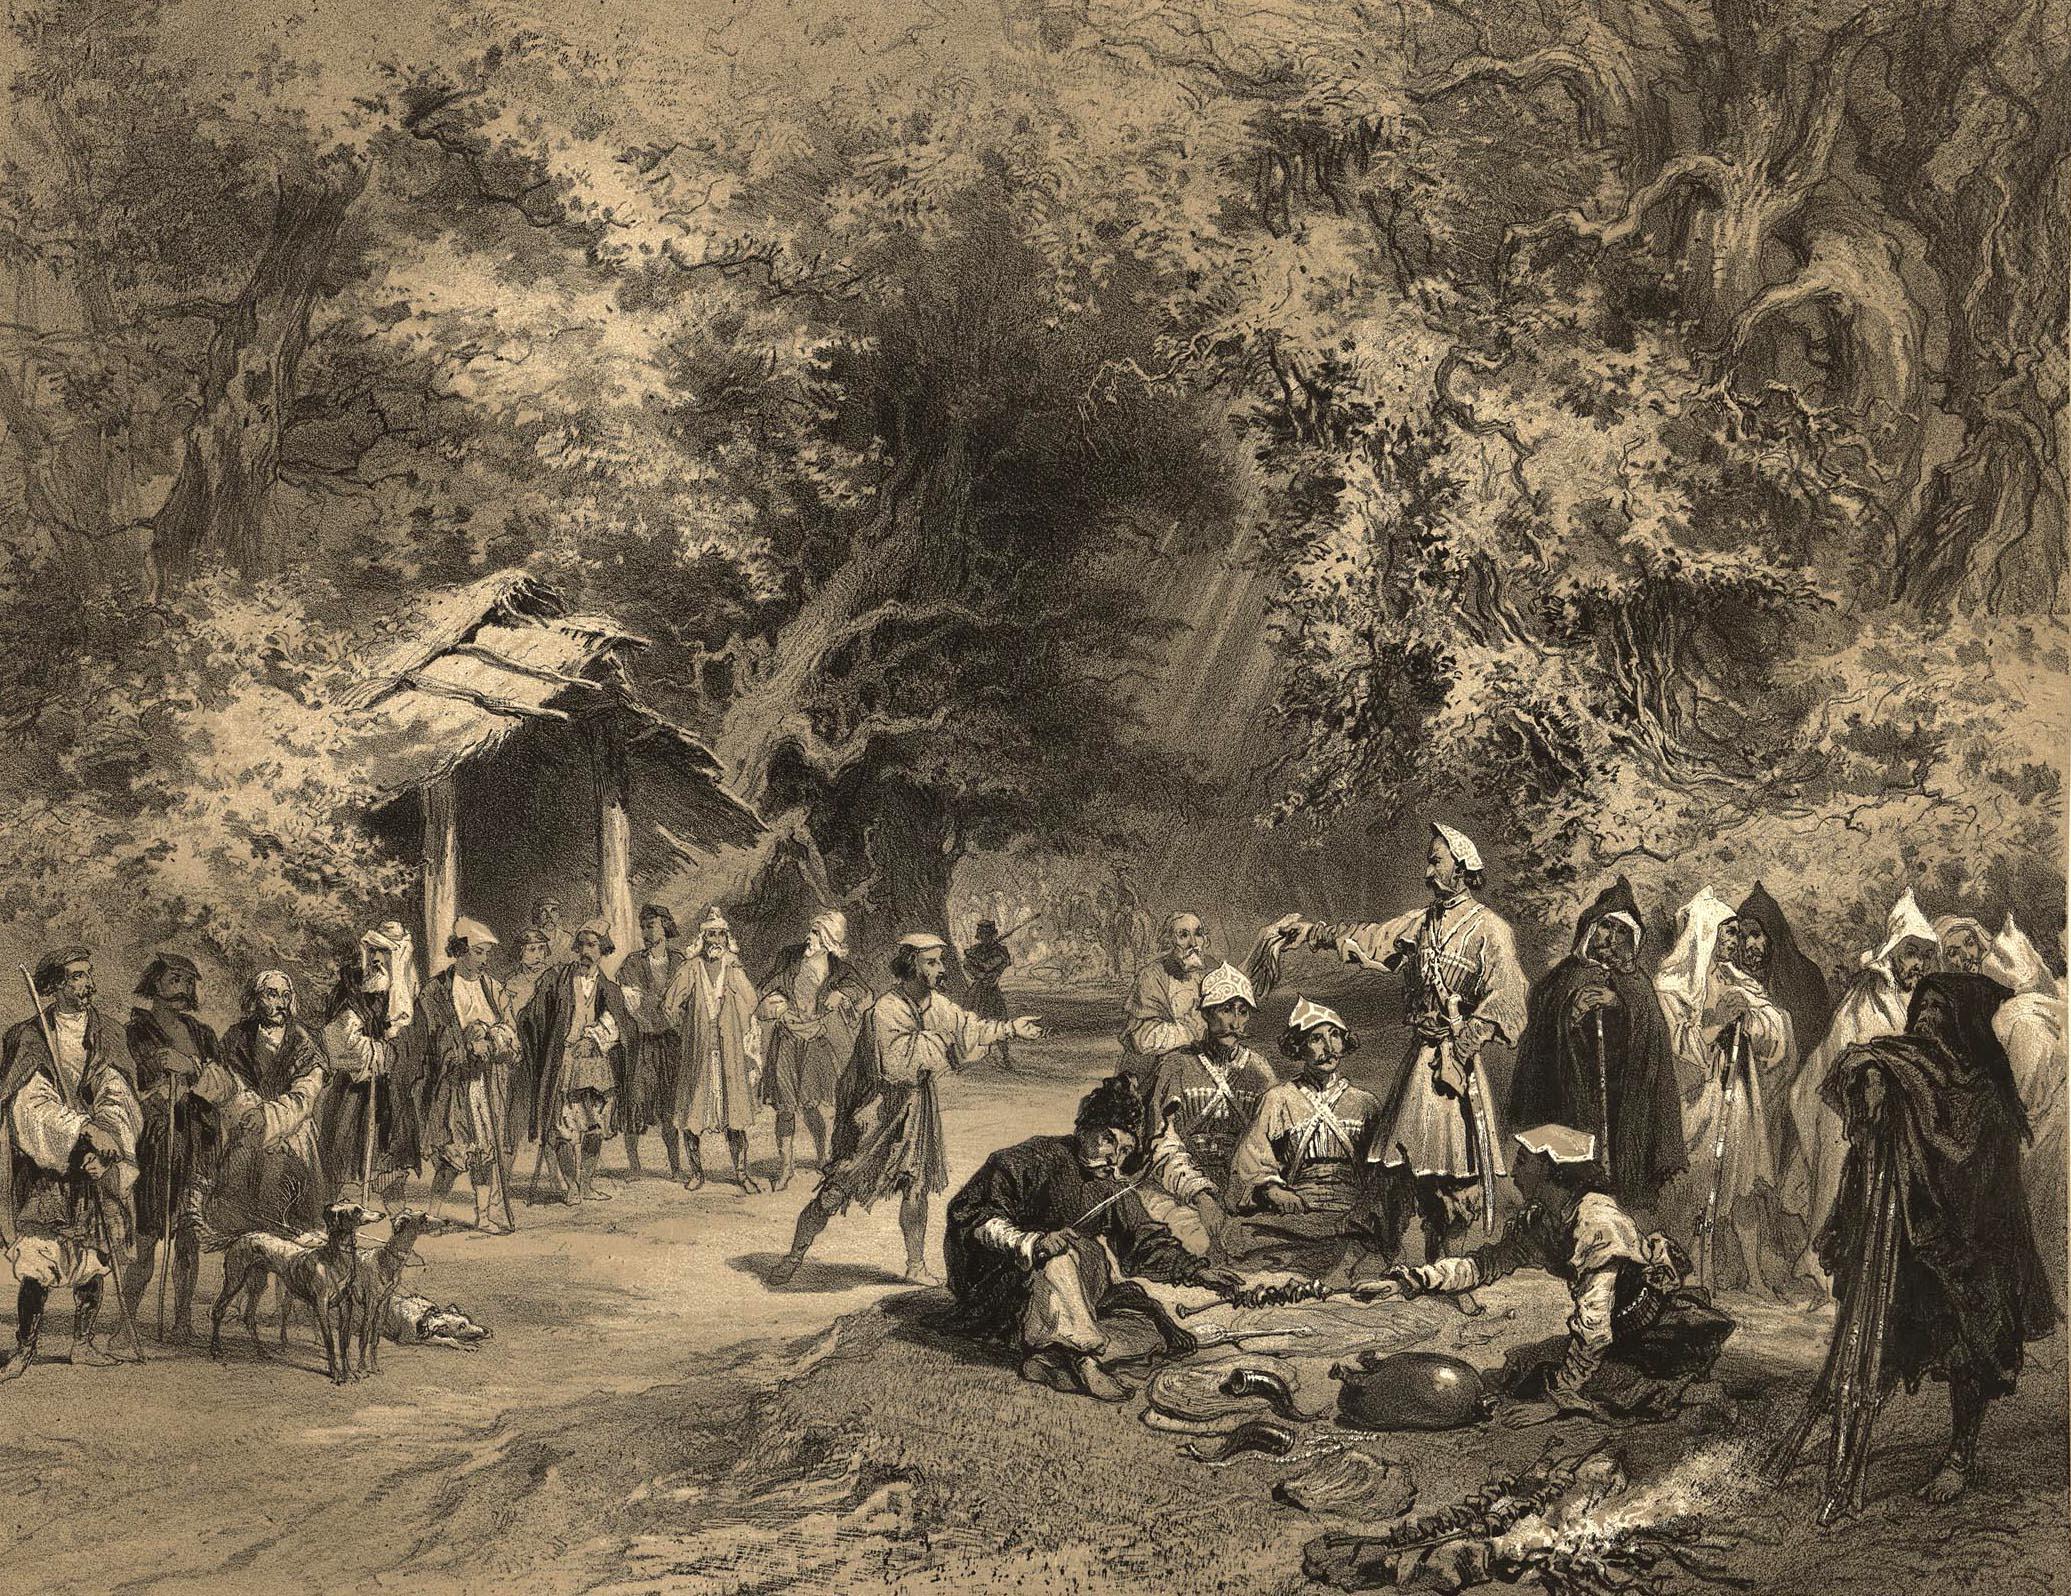 6. Mingrelie. Halte de chasse en Mingrelie / Мегрелия (район Западной Грузии). Привал охотников в Мегрелии